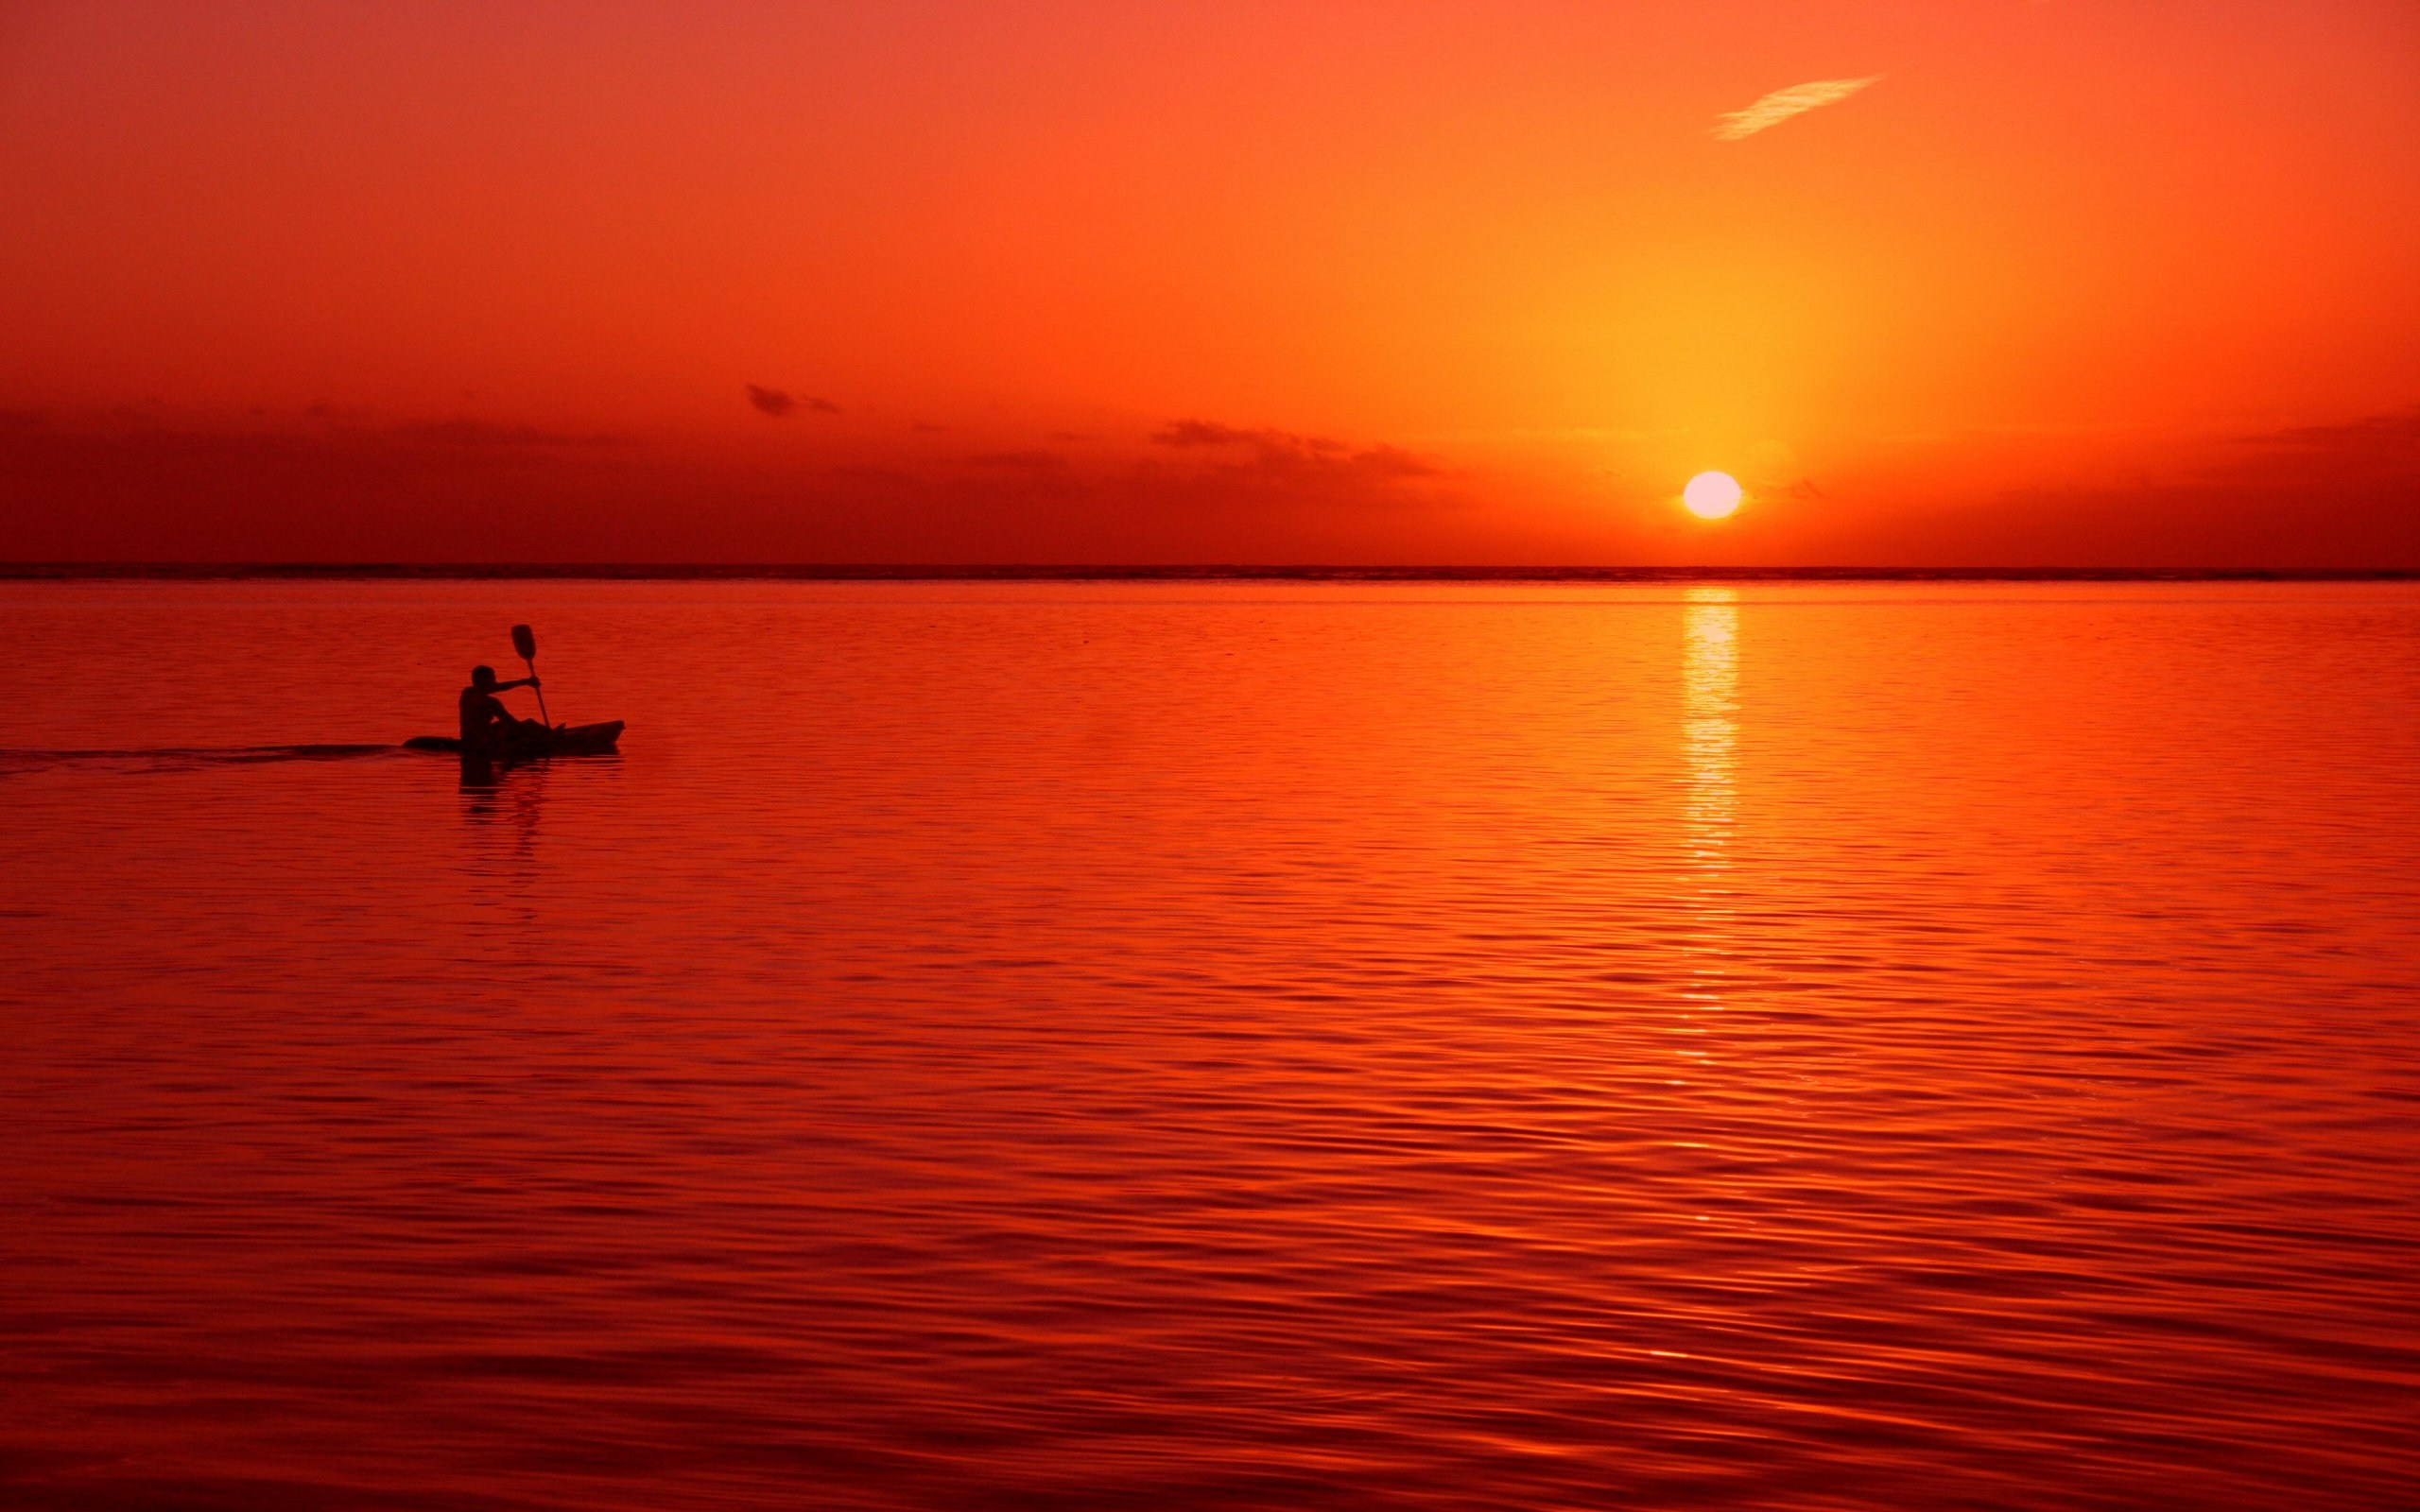 Télécharger fonds d'écran coucher de soleil gratuitement